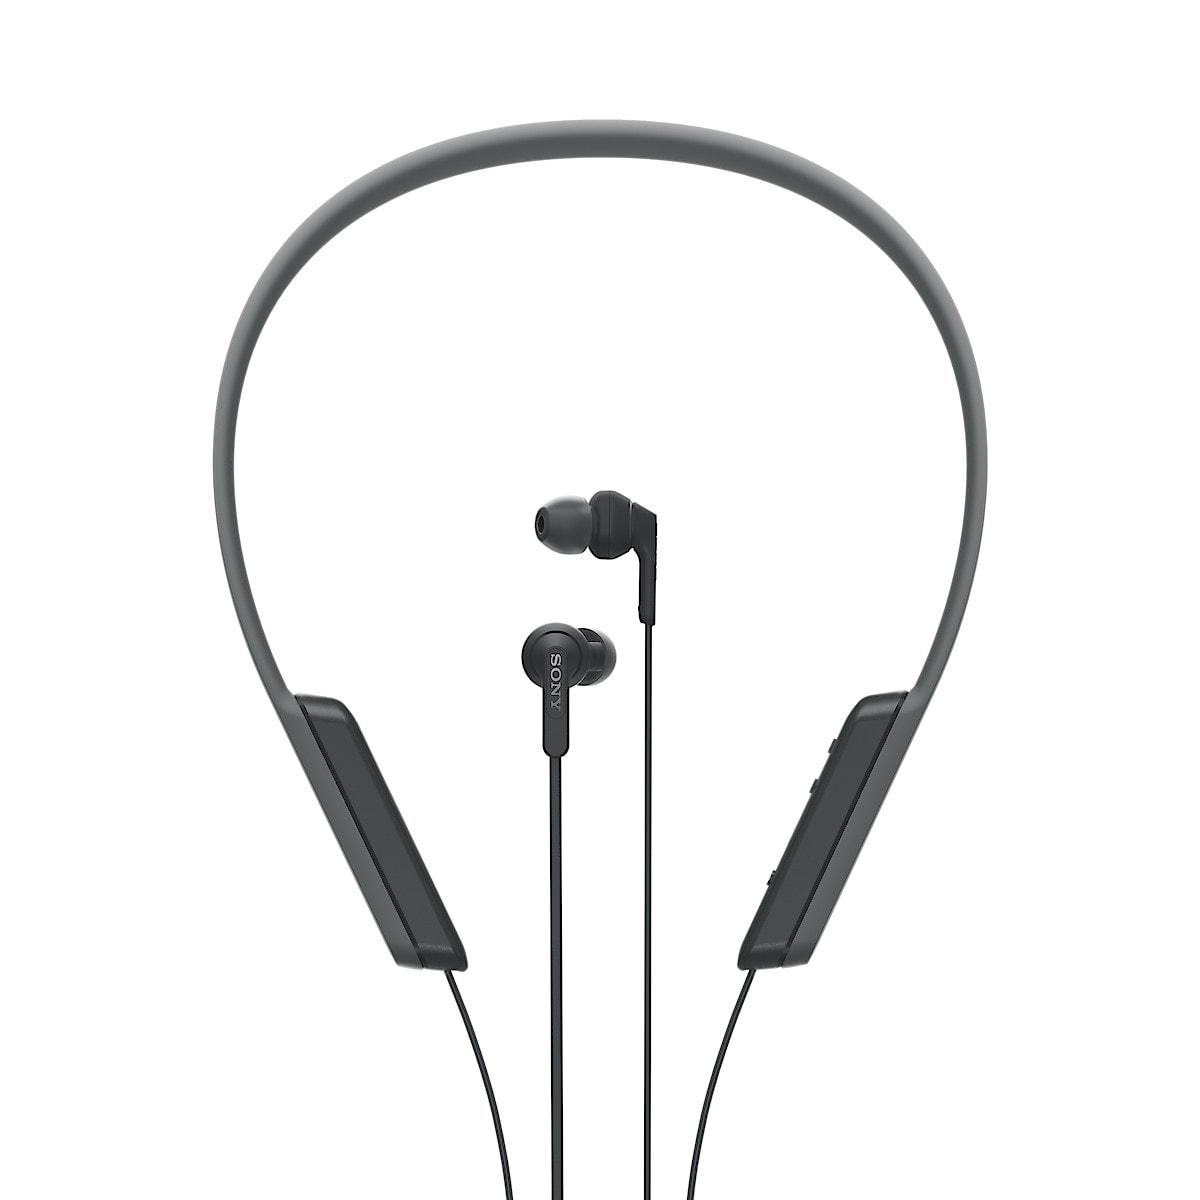 Trådlösa hörlurar med mikrofon, Sony MDR-XB70BT